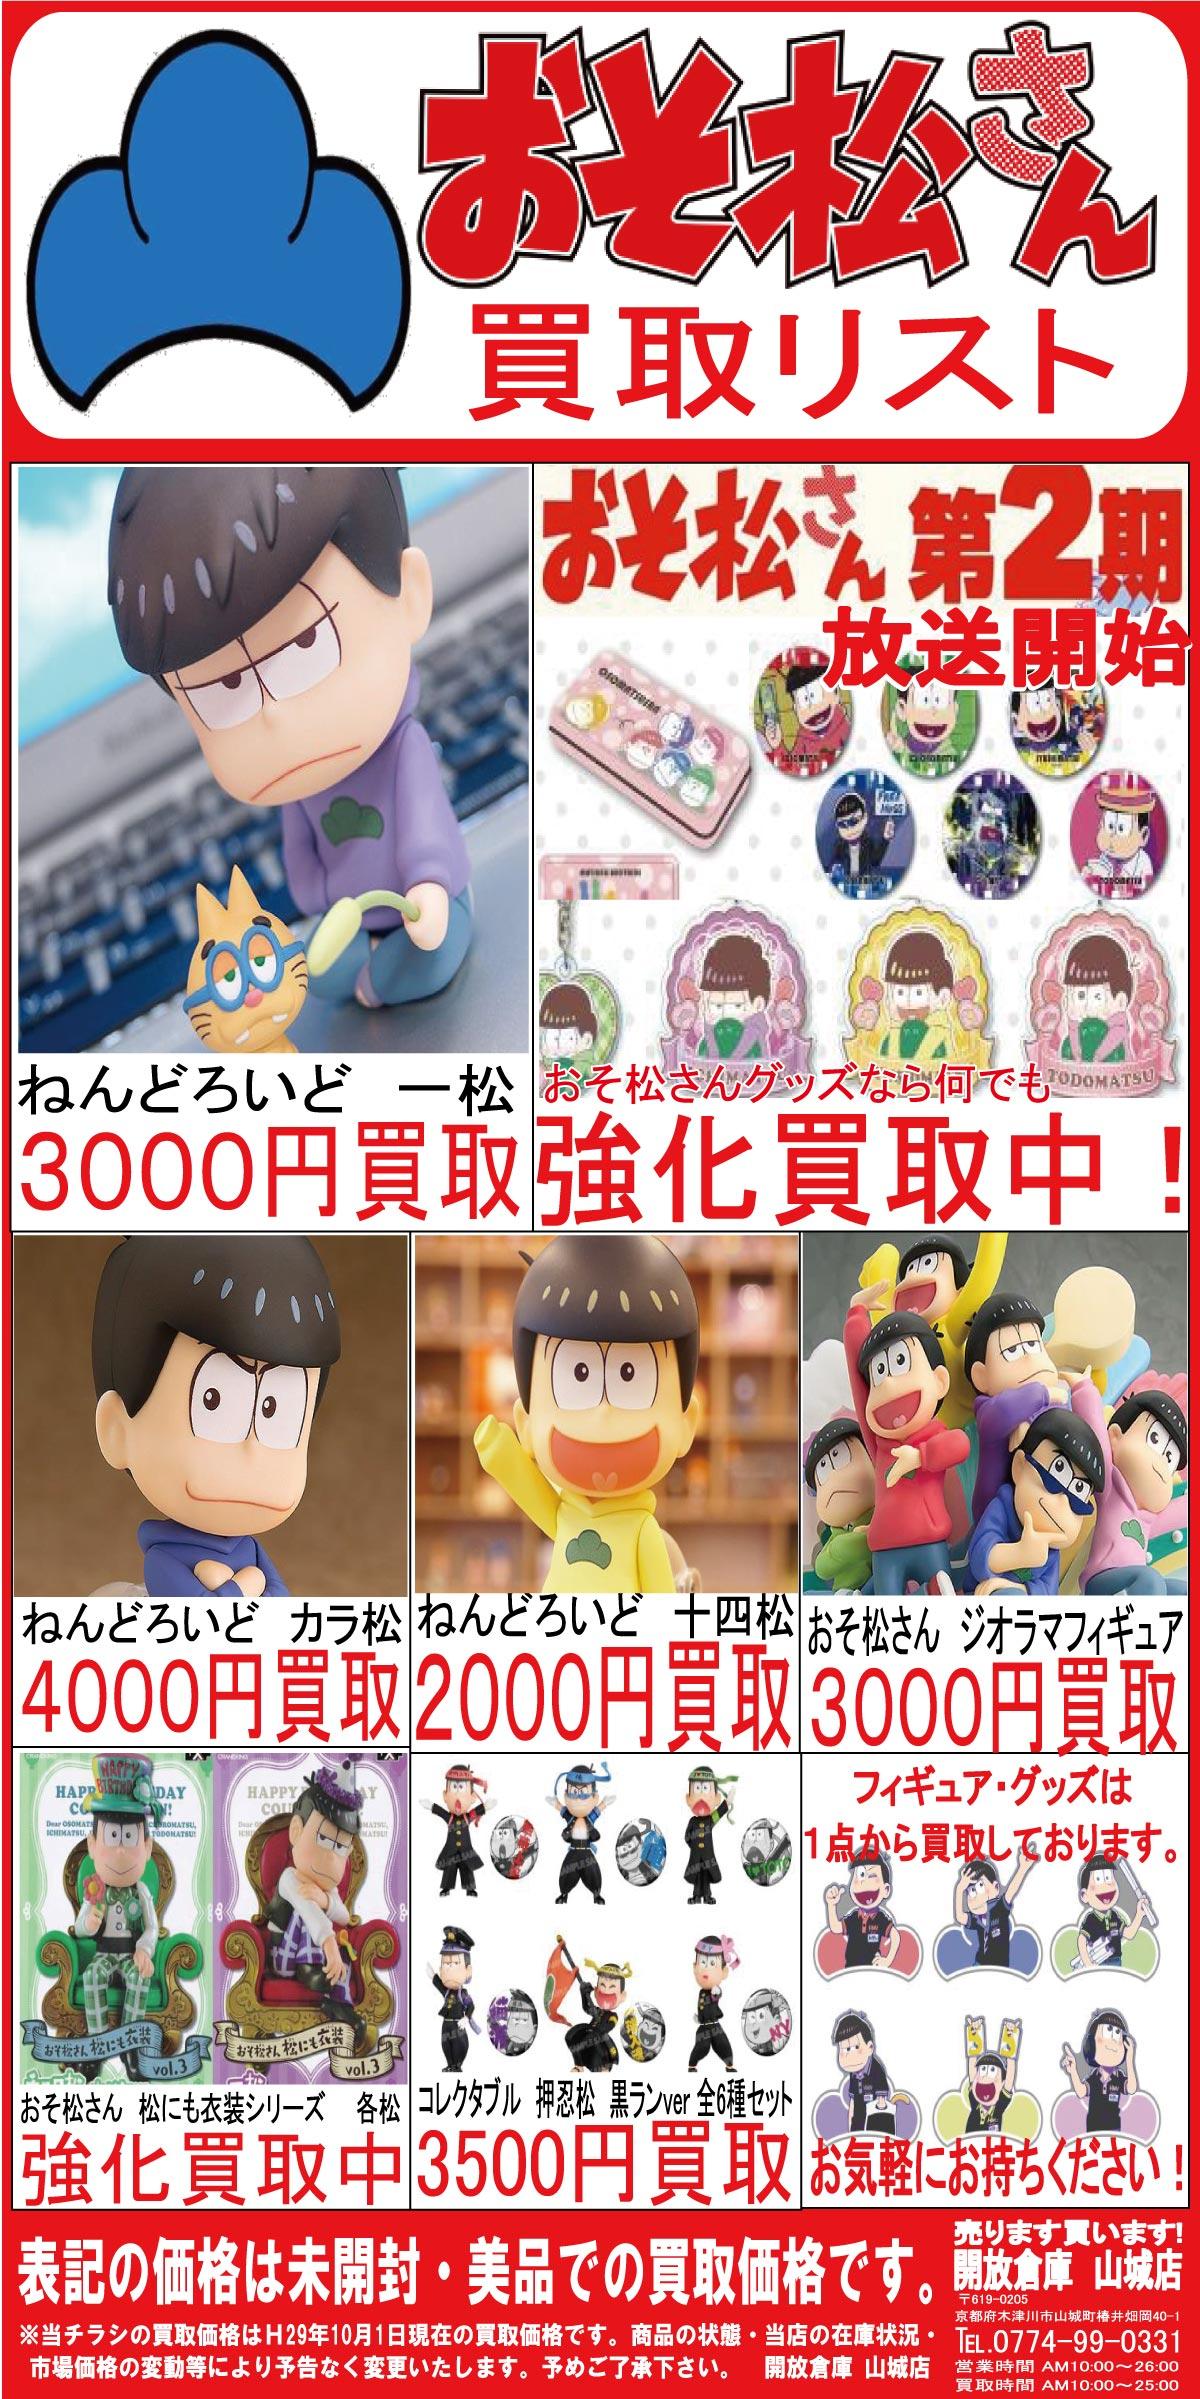 「開放倉庫山城店」おもちゃ買取情報<おそ松さん>買取リストを更新しました!